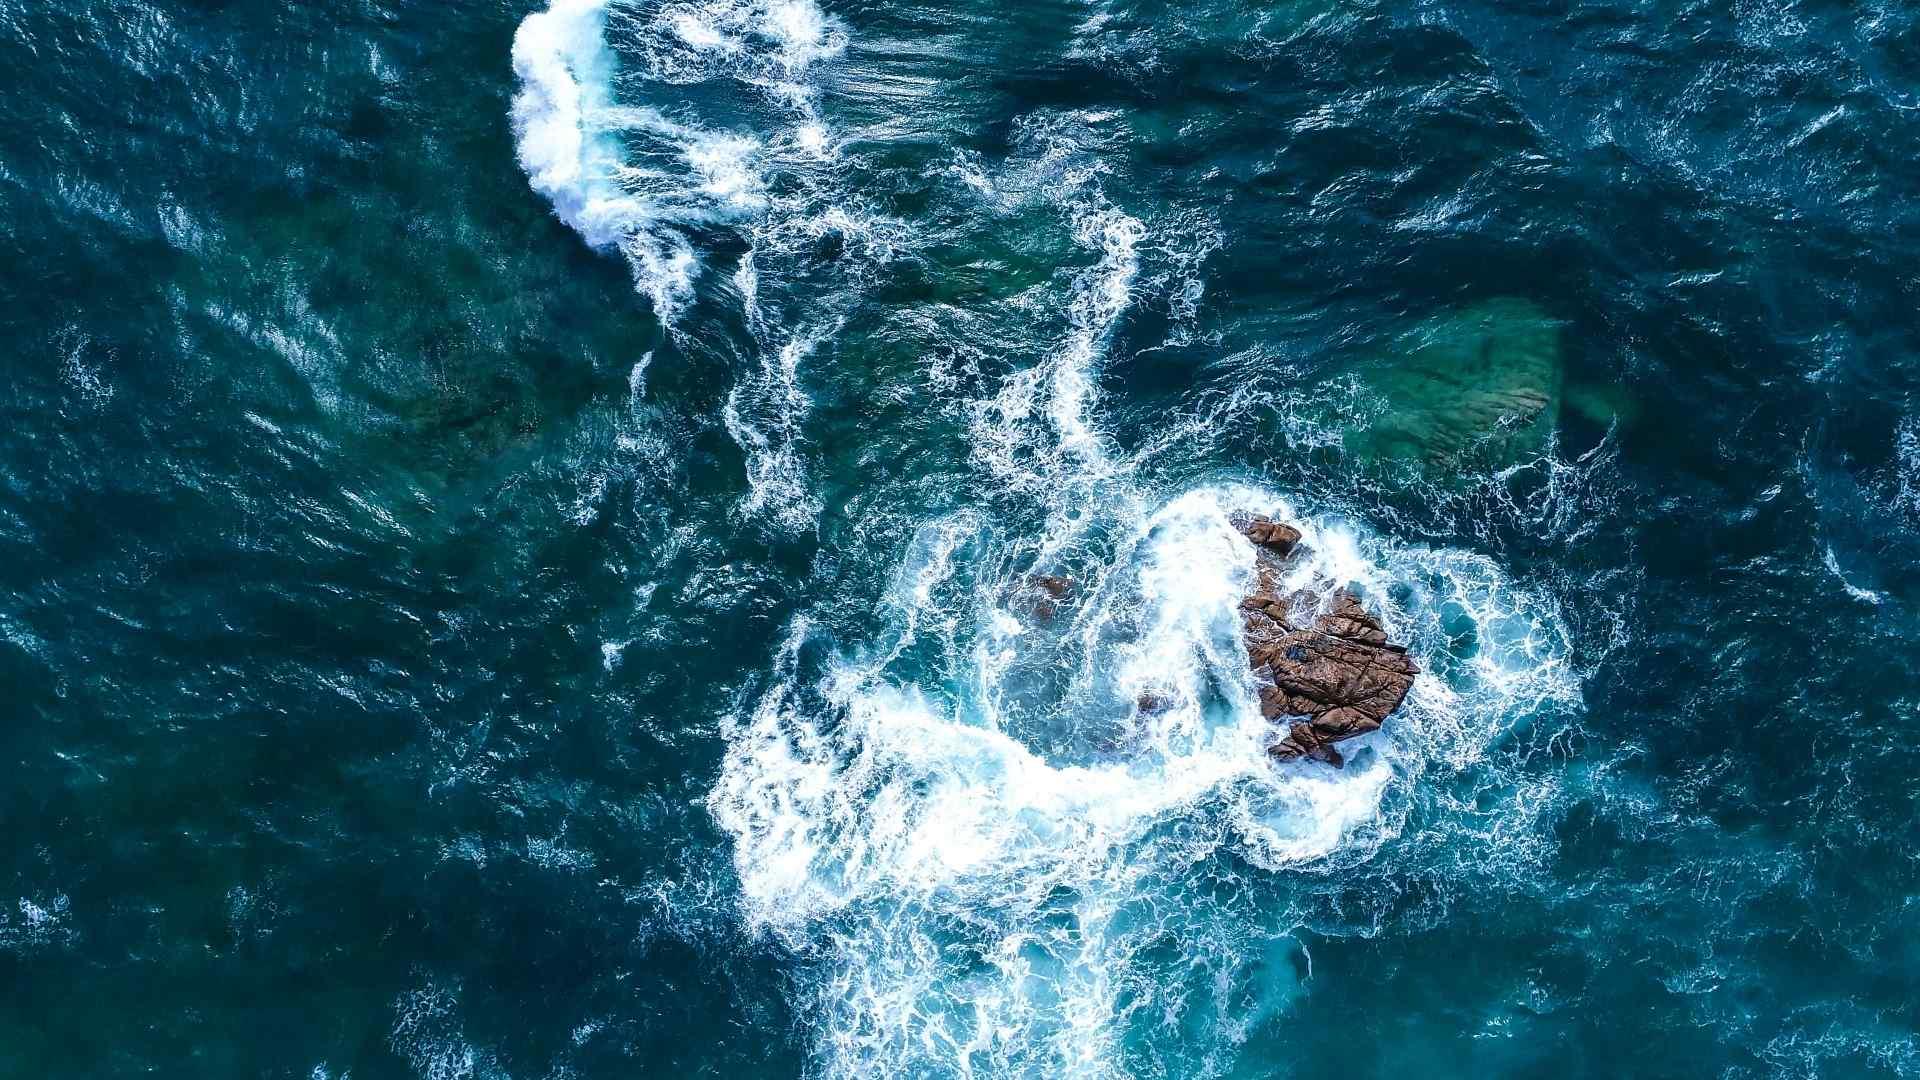 唯美海洋浪花图片高清壁纸